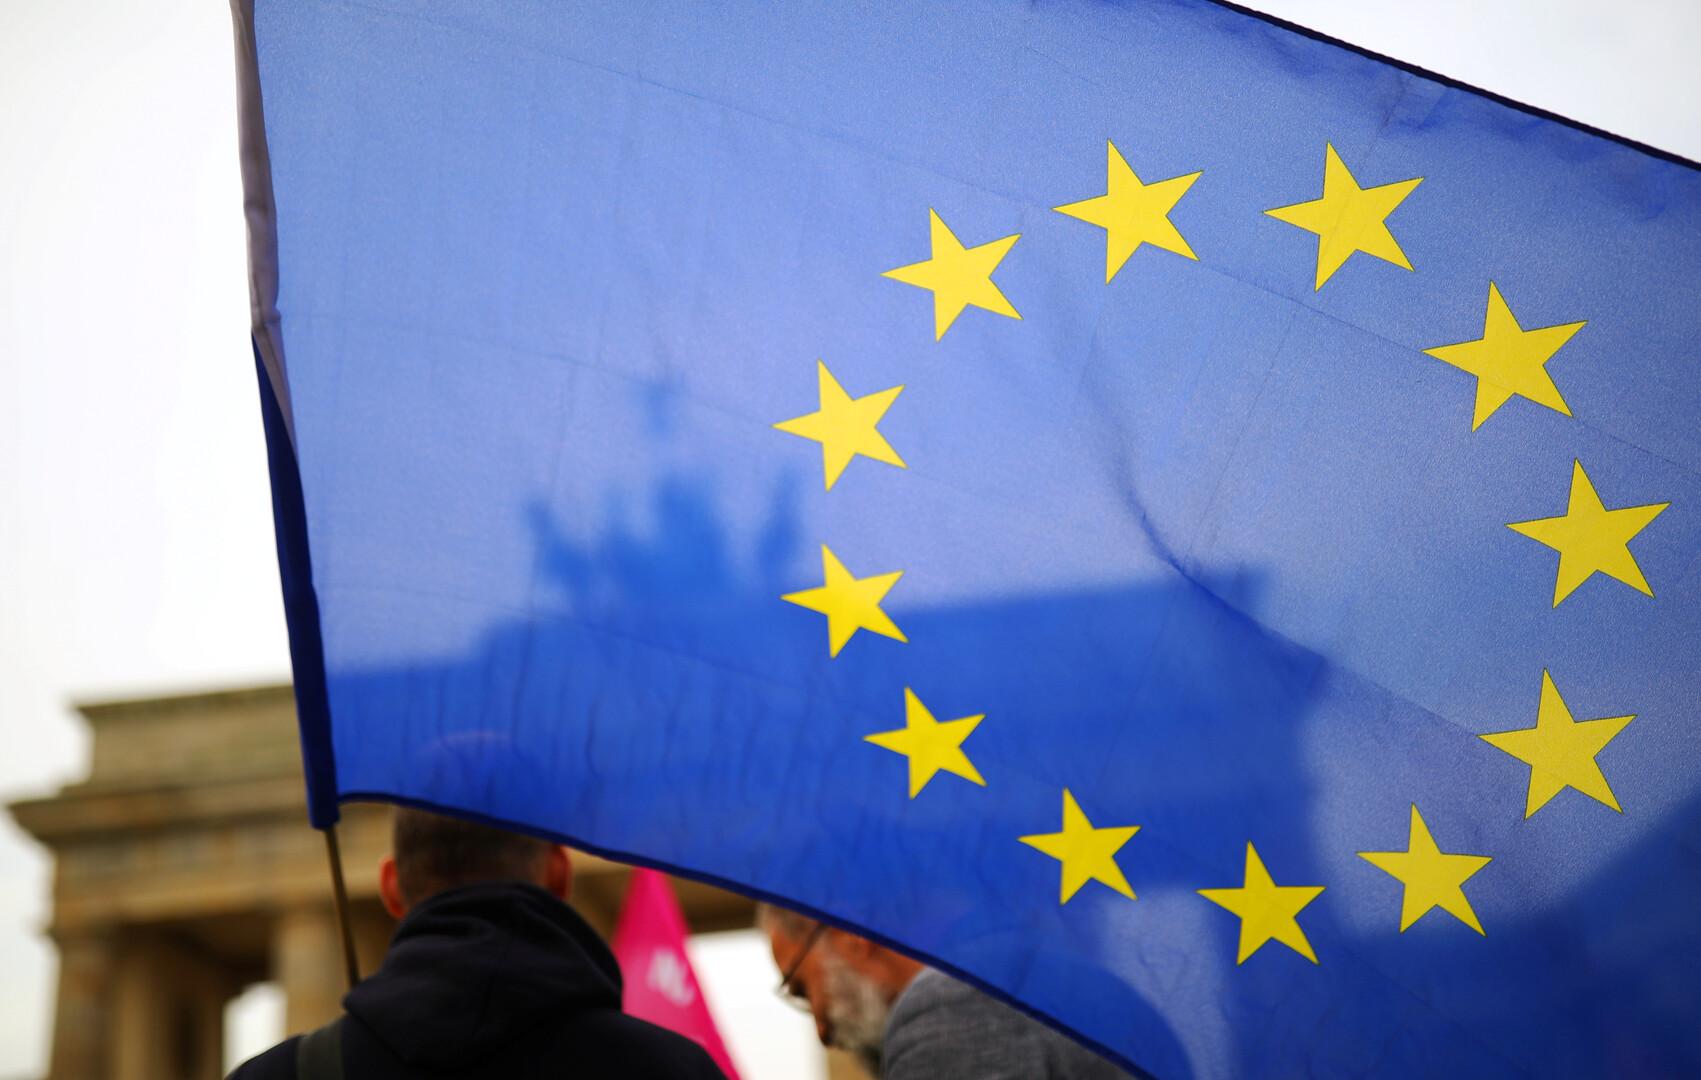 الاتحاد الأوروبي: تعهد نتنياهو بضم أراض فلسطينية يقوض عملية السلام